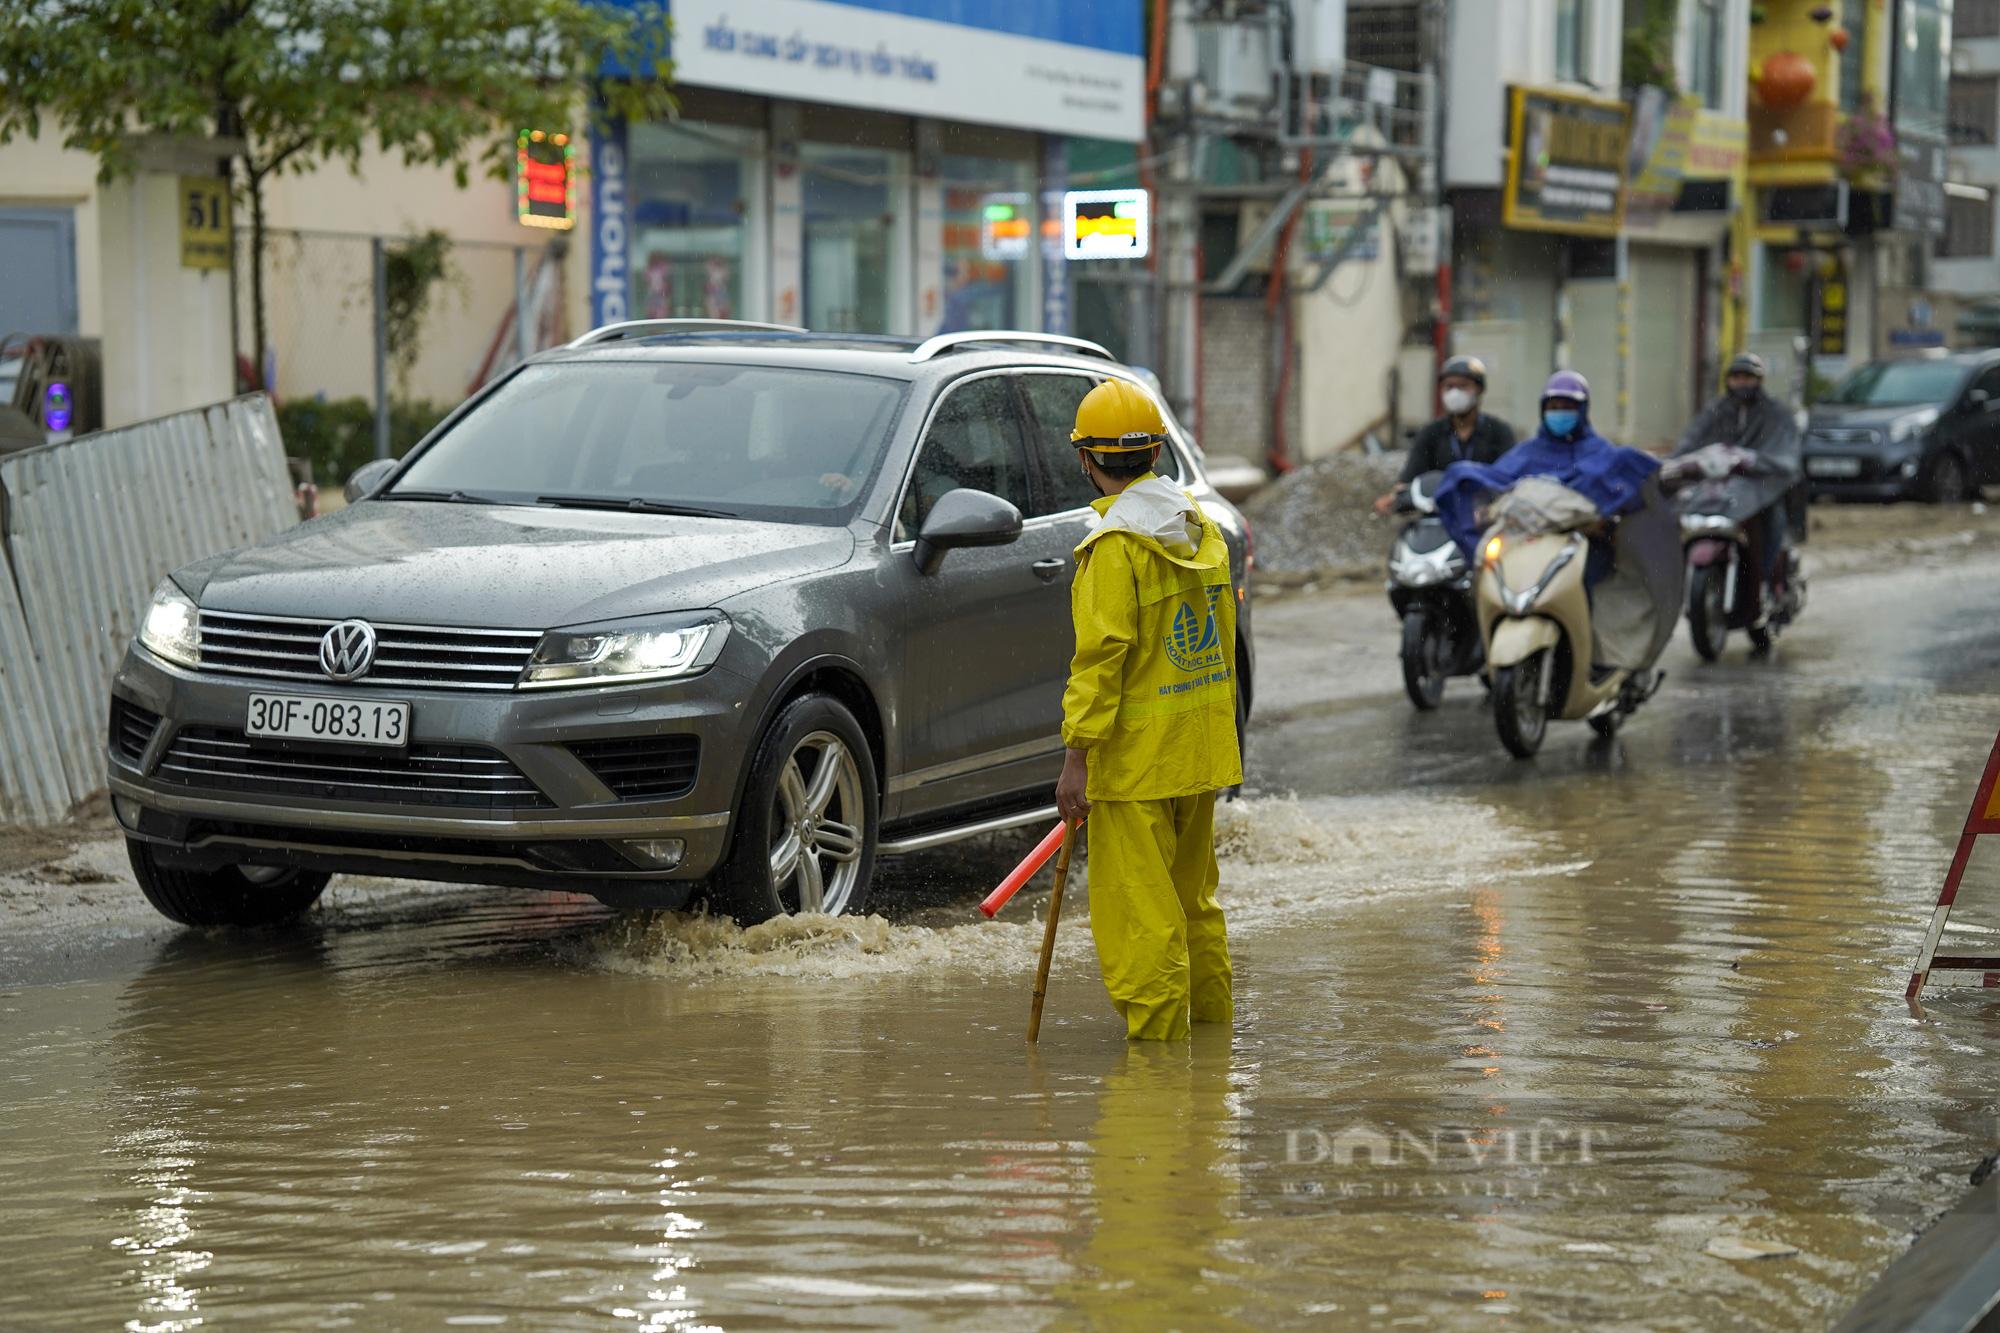 Cơn mưa chiều khiến Hà Nội chìm trong nước - Ảnh 3.